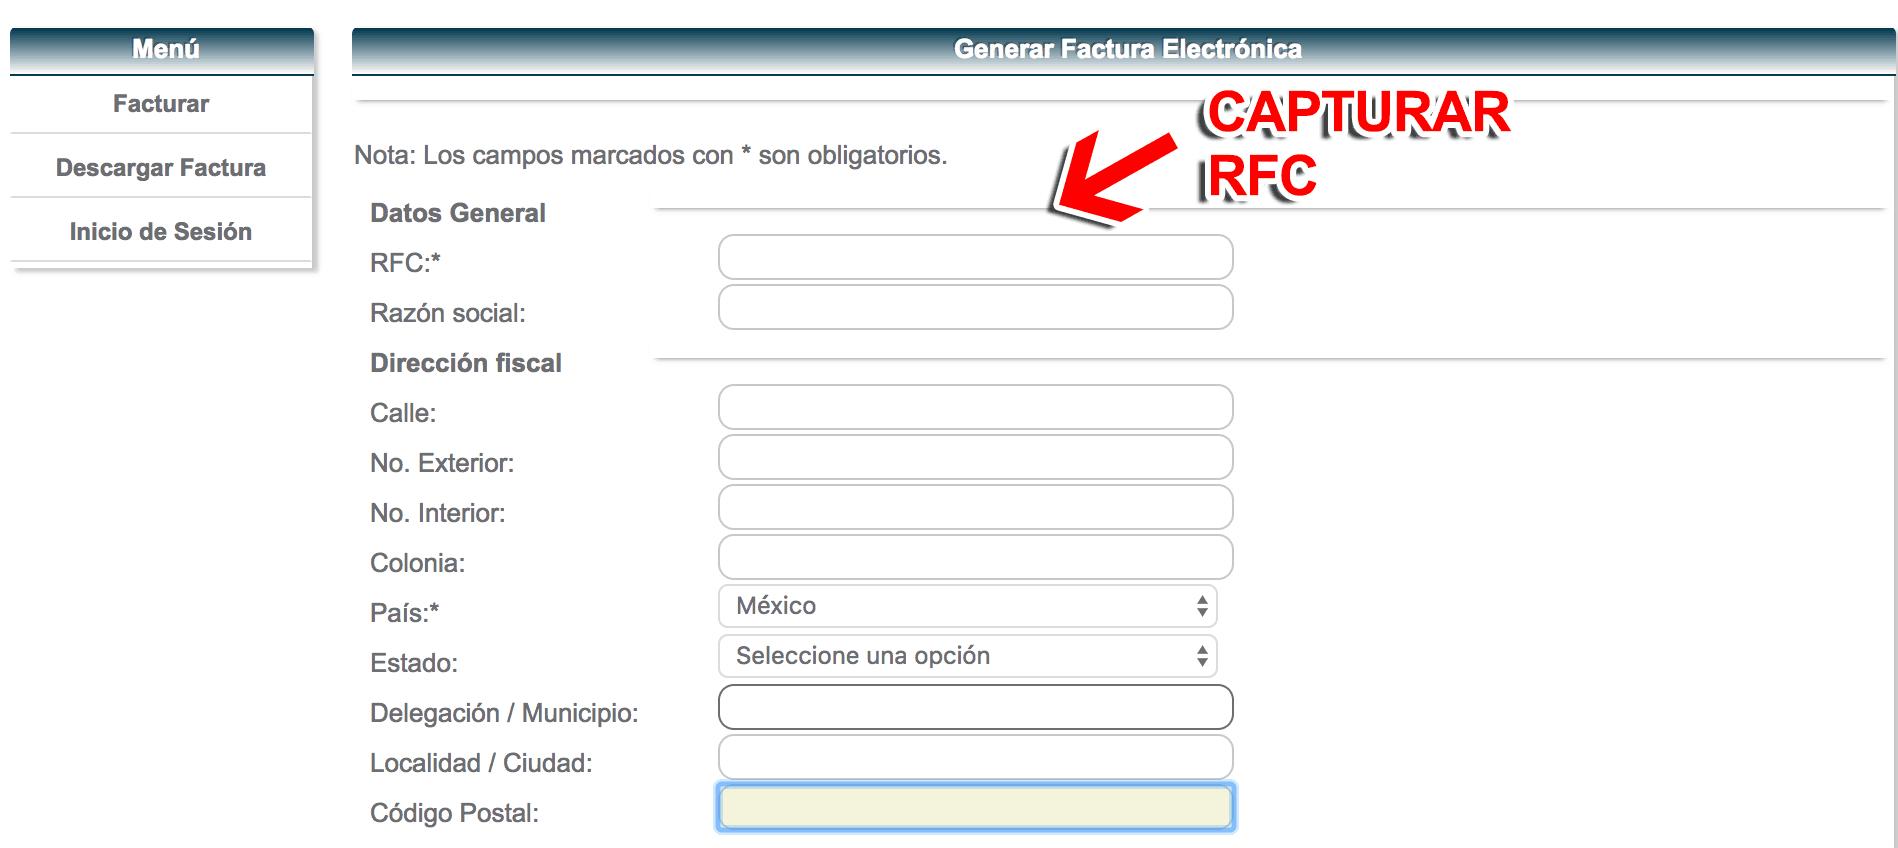 Cafebrería El Péndulo Paso 1  Capture la Clave del Ticket y su RFC.